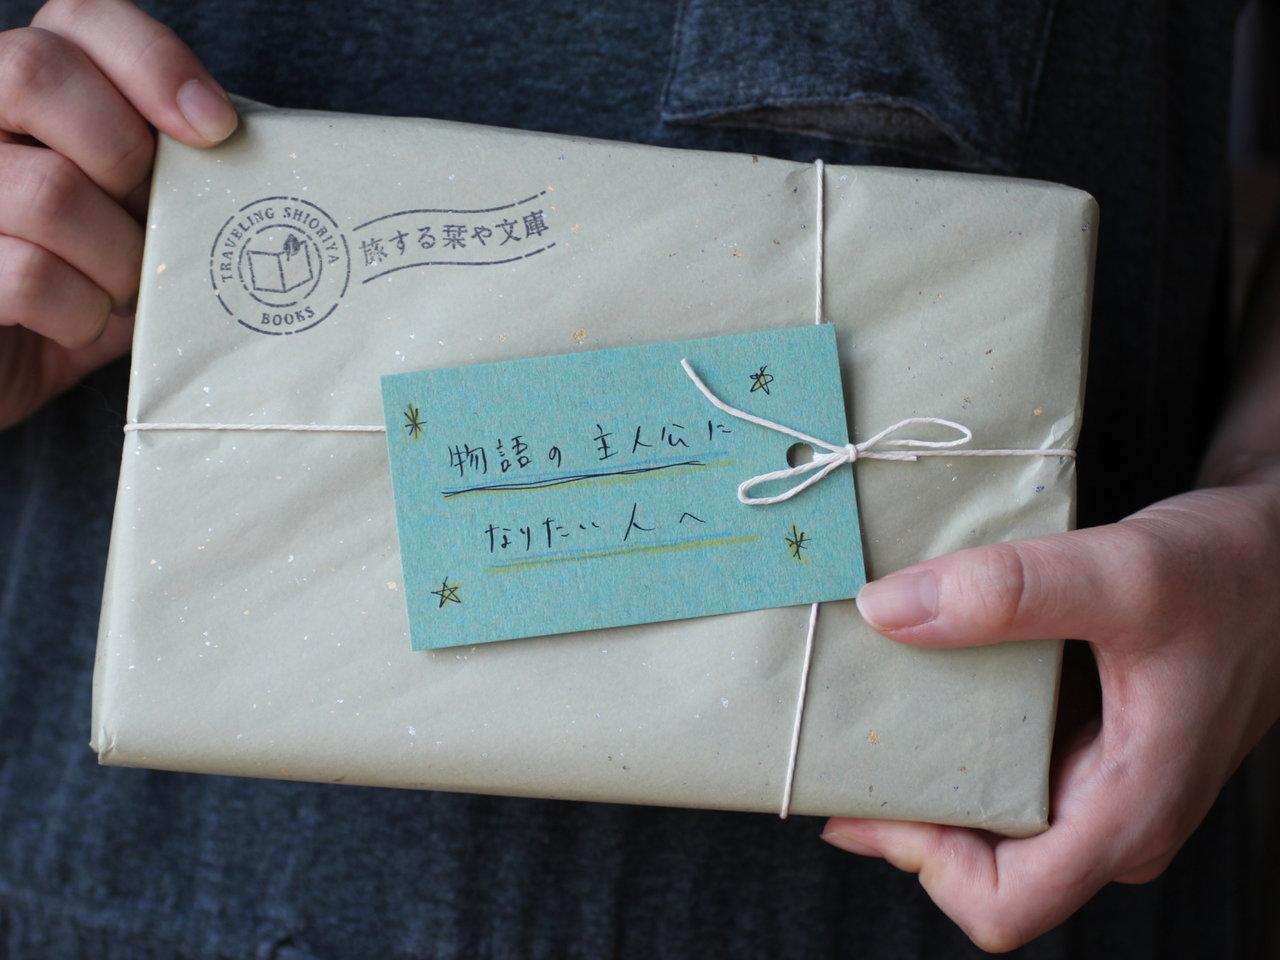 宛名だけで選ぶ、本との偶然の出会い。香川の小さなカフェが提供するオンライン版・本の交換会